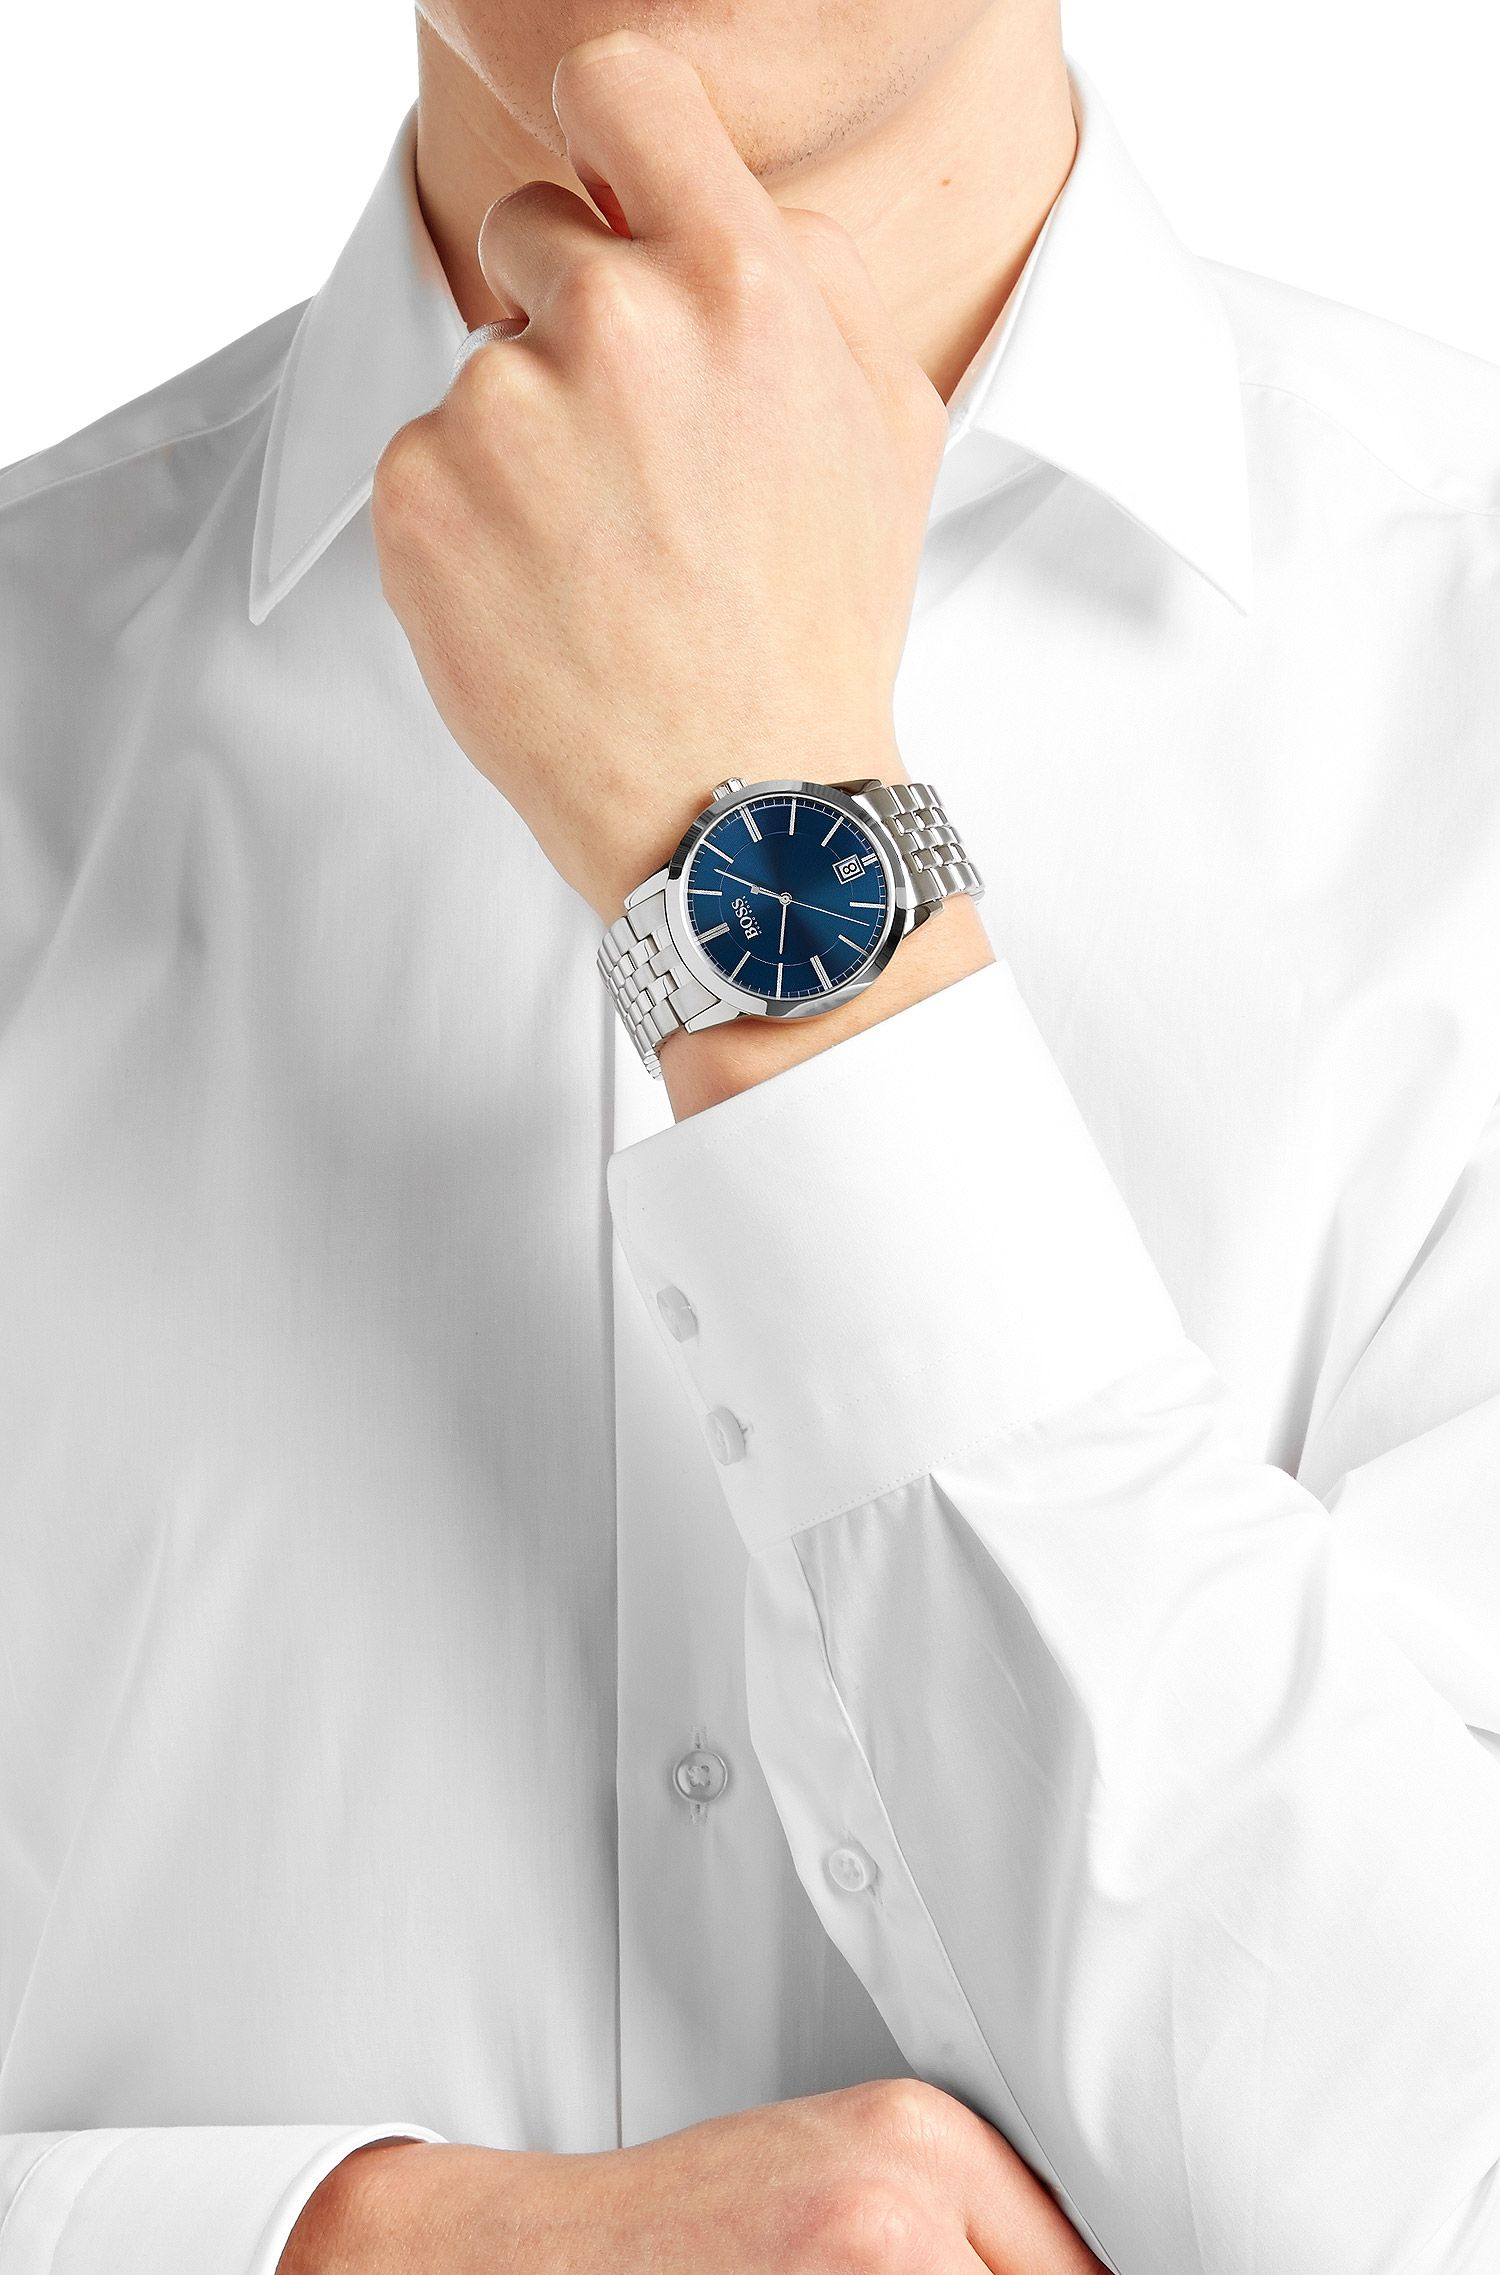 Montre-bracelet «HBSUCES» avec mouvement à quartz et bracelet en acier inox